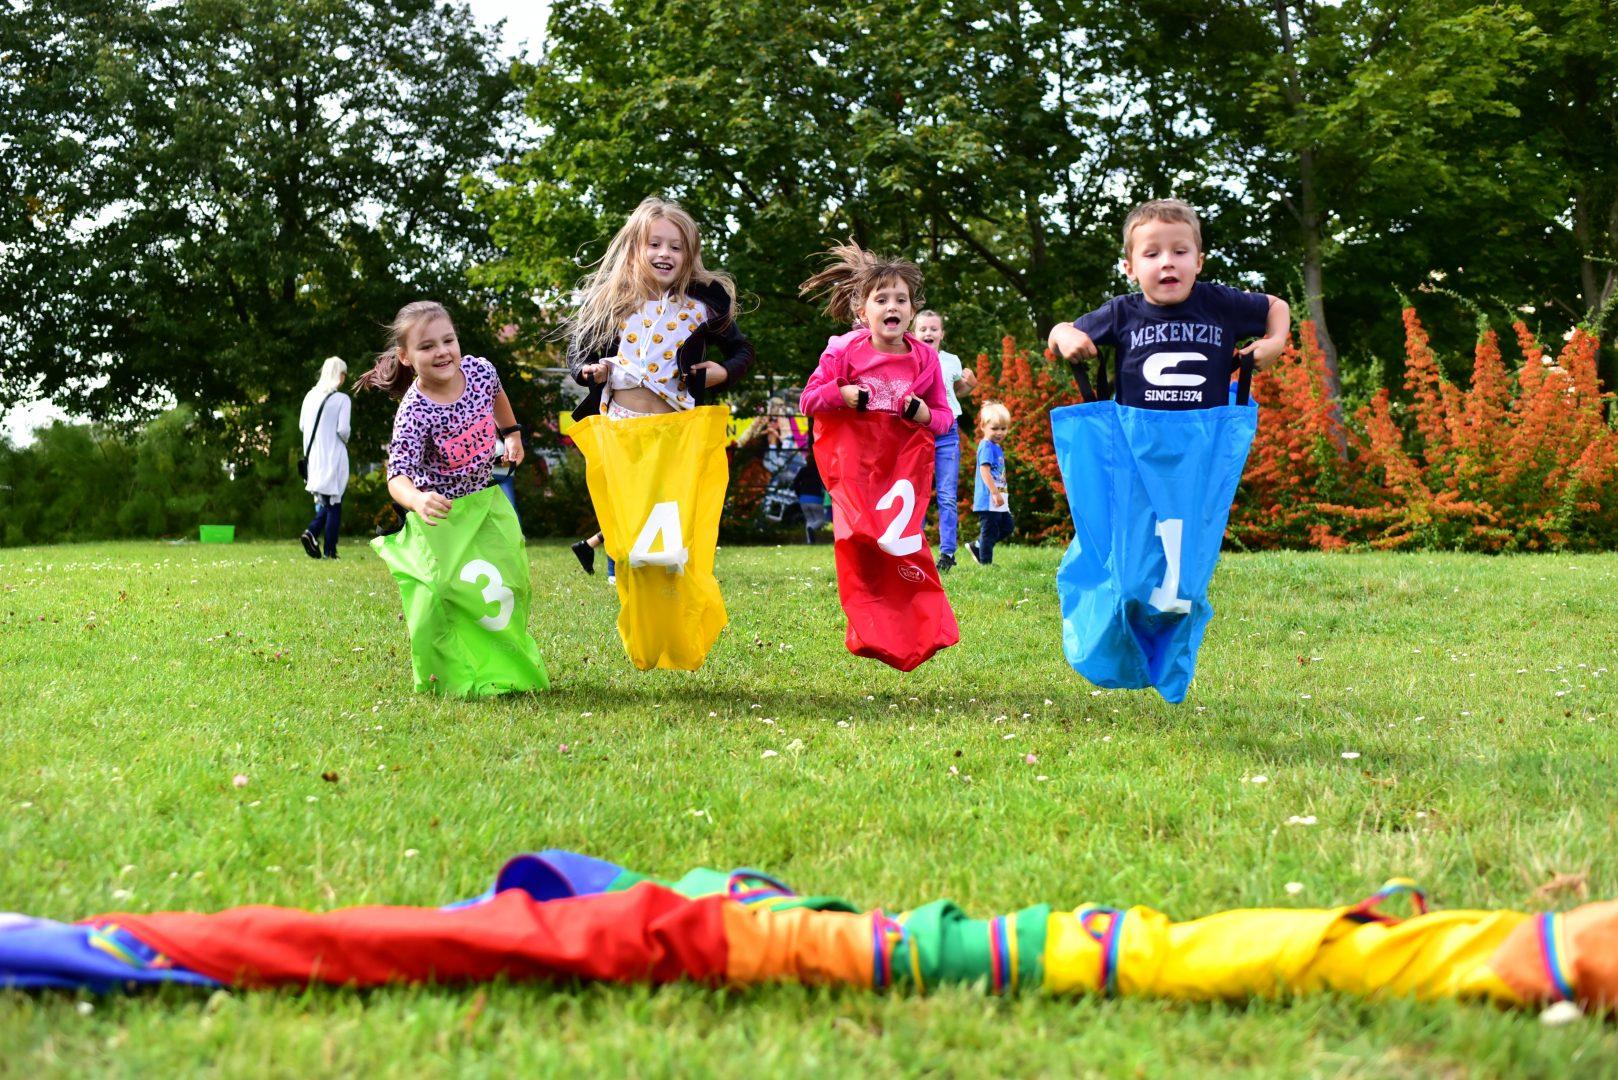 5 Propozycji Zabaw Ruchowych Dla Dziecka - Danimatoring.pl zdjęcie nr 1